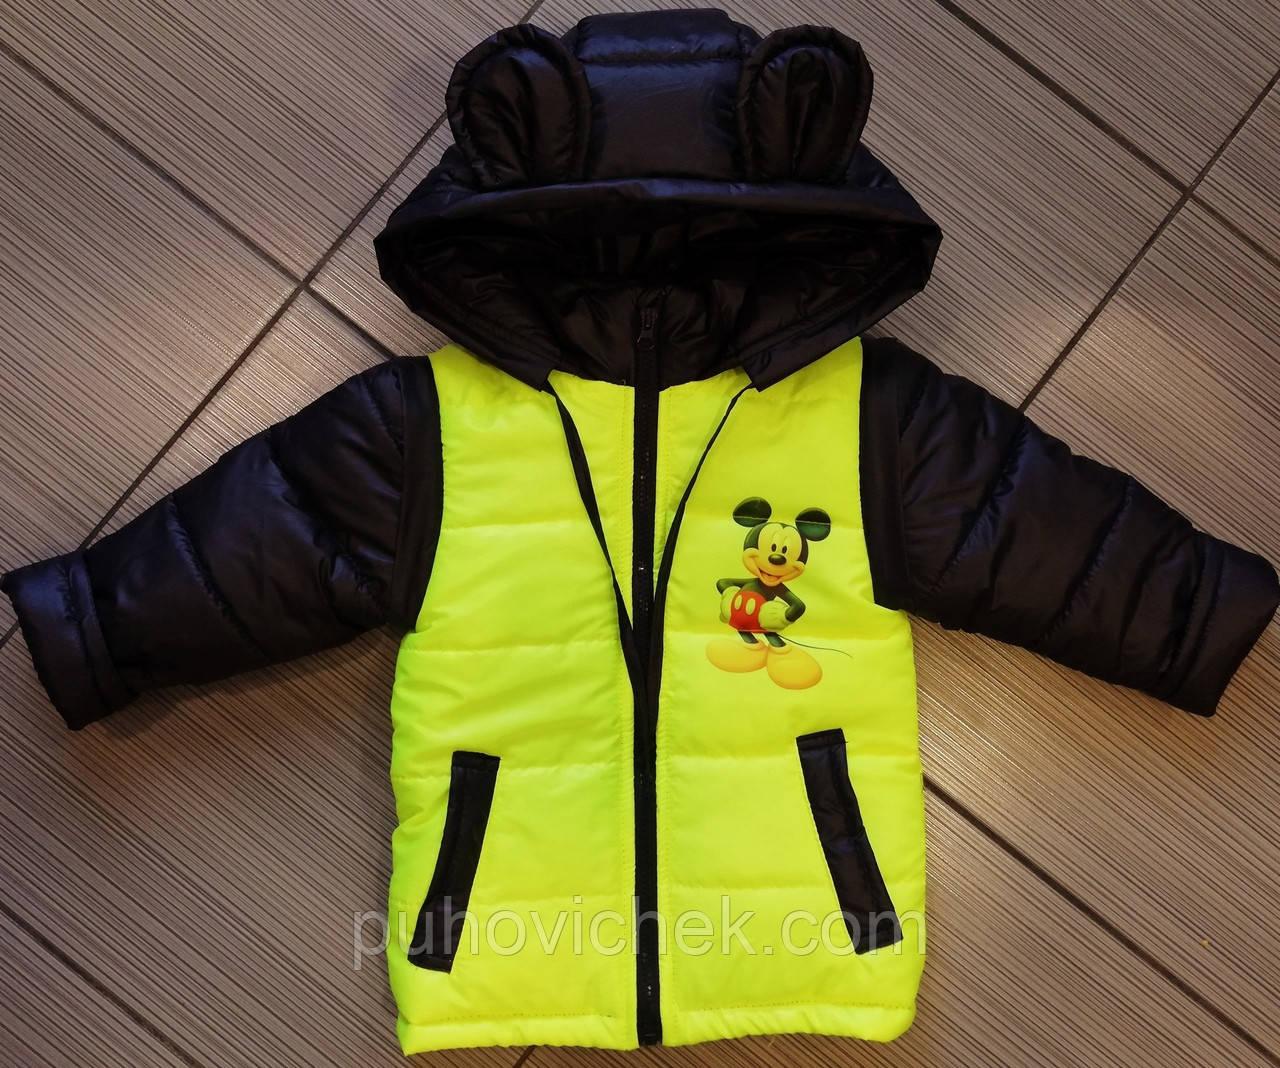 Яркая куртка тансформер для мальчика весна осень